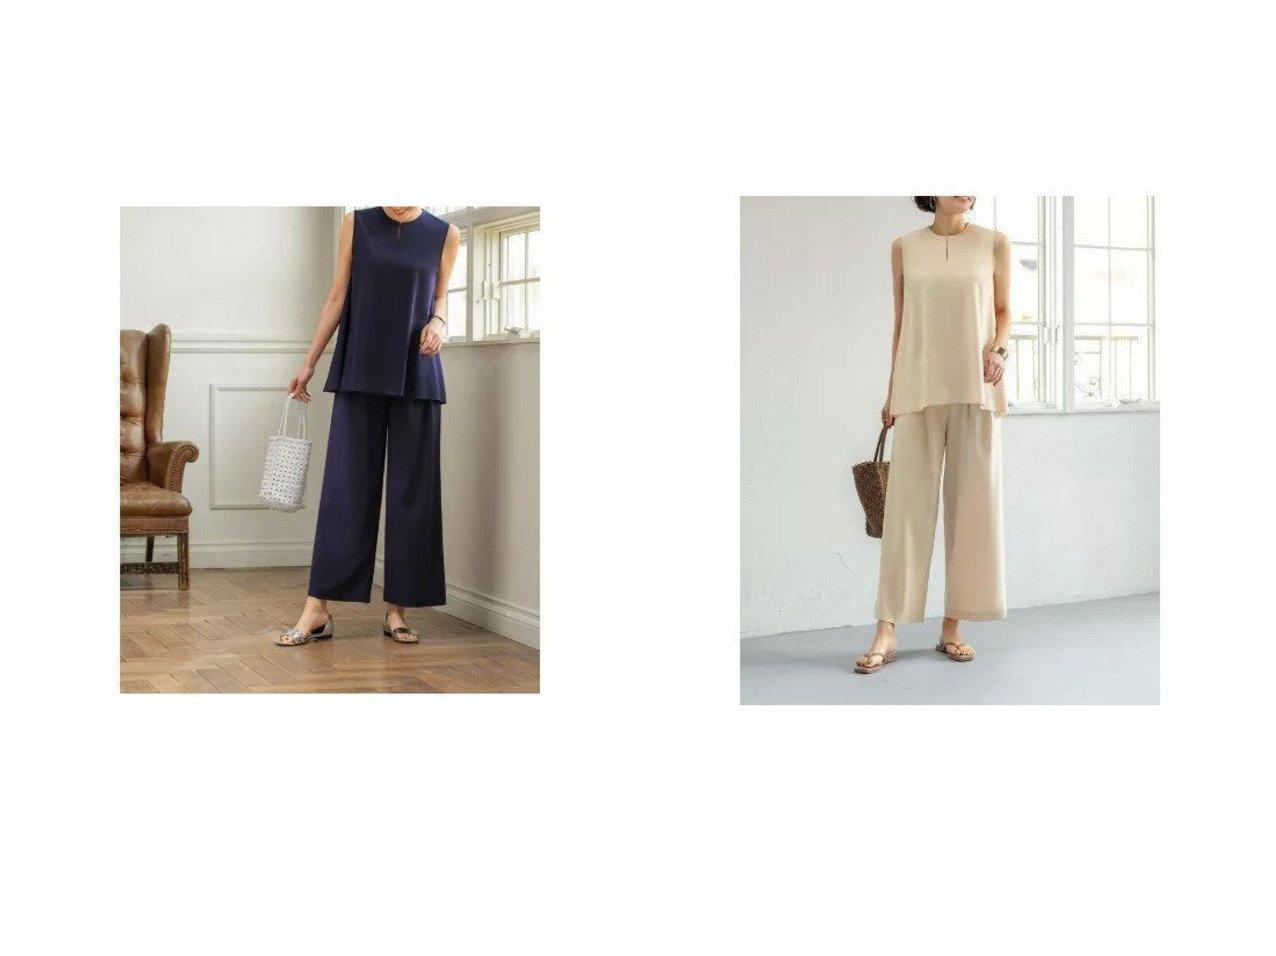 【STYLE DELI/スタイルデリ】のドレープトップスセットアップ 【パンツ】おすすめ!人気、トレンド・レディースファッションの通販 おすすめで人気の流行・トレンド、ファッションの通販商品 メンズファッション・キッズファッション・インテリア・家具・レディースファッション・服の通販 founy(ファニー) https://founy.com/ ファッション Fashion レディースファッション WOMEN セットアップ Setup トップス Tops パンツ Pants インナー オレンジ くるぶし キャミソール シンプル ジャケット ジョーゼット セットアップ ドレープ ノースリーブ パステル フレア ポケット リラックス ワイド |ID:crp329100000039506